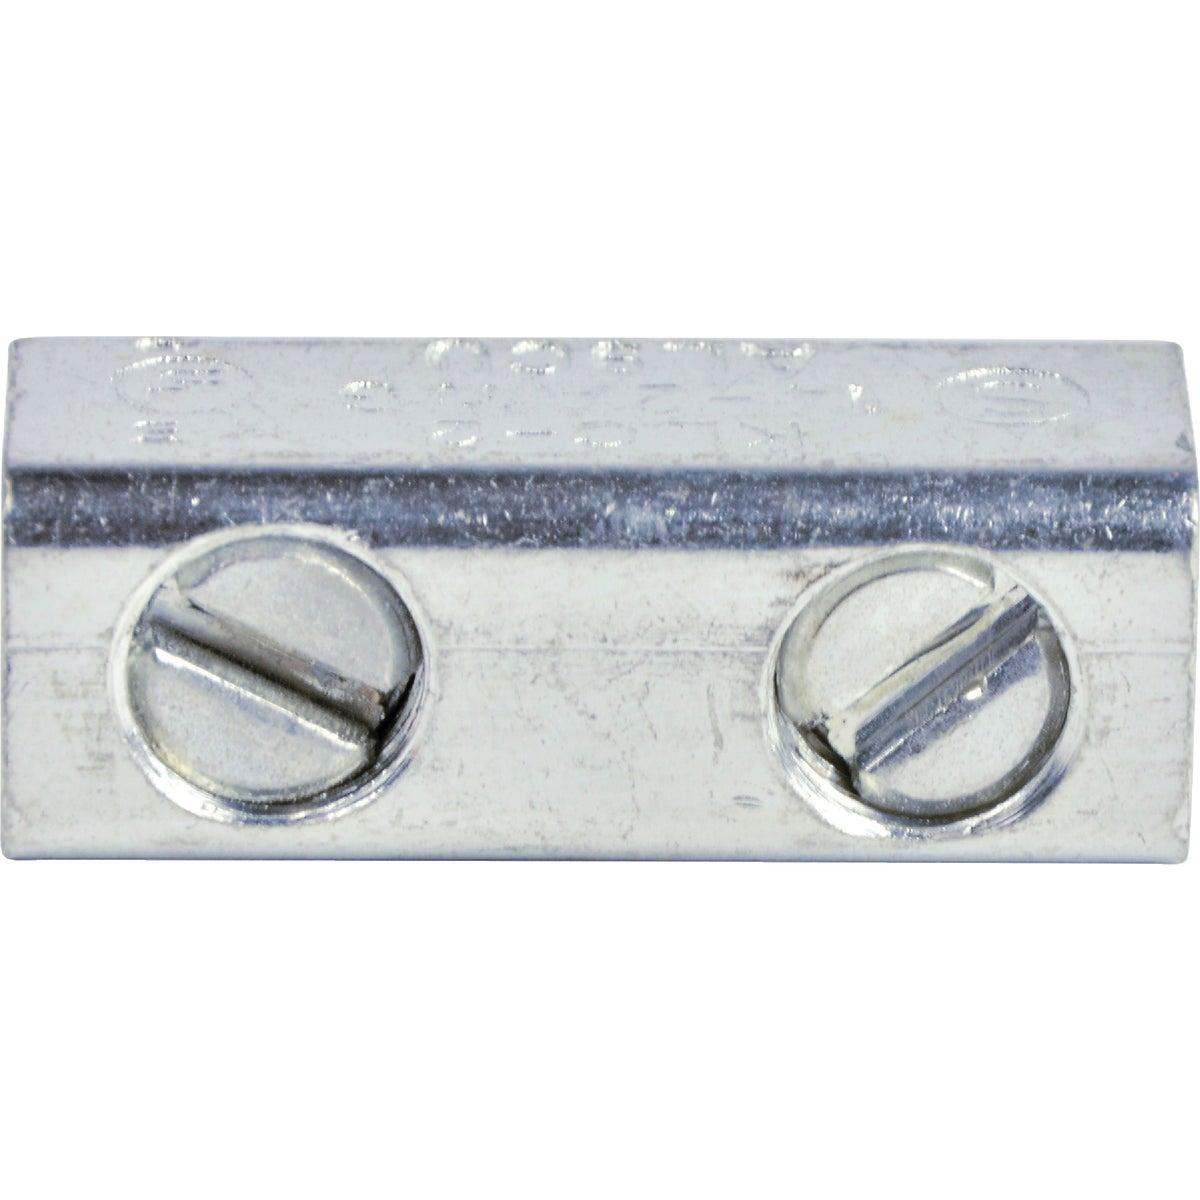 2-14 SPLICER/REDUCER - GSPA-2 by G B Electrical Inc